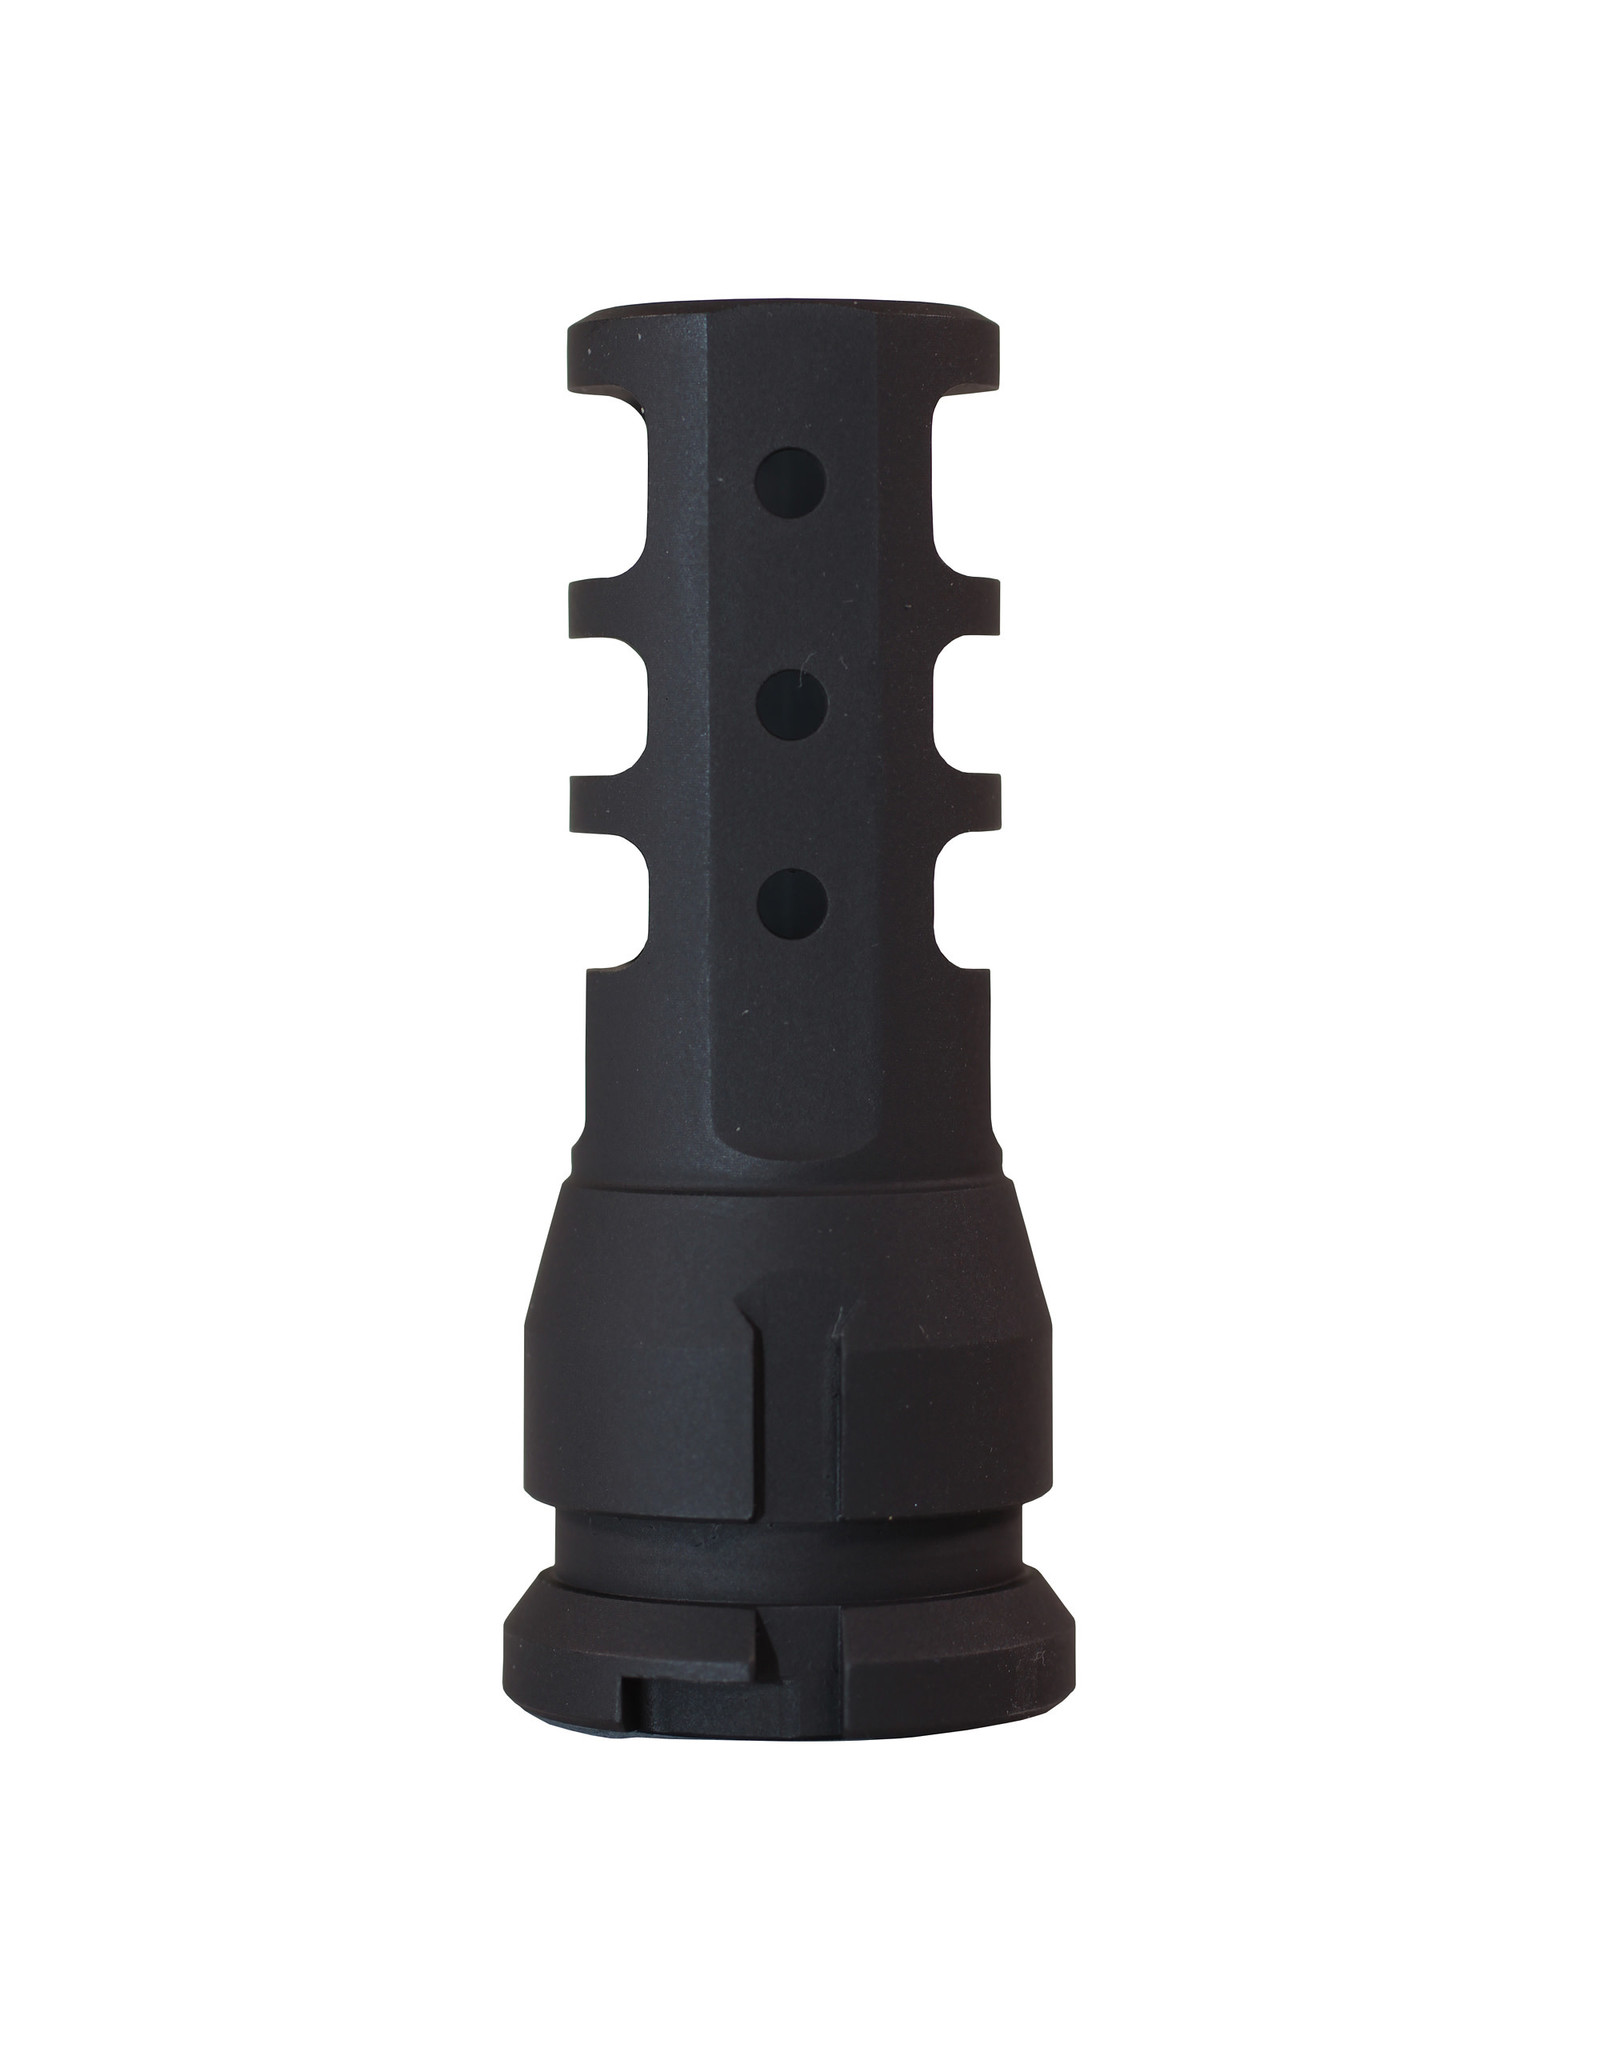 Dead Air Dead Air - Keymount Muzzle Brake - 1/2x28 RH 5.56